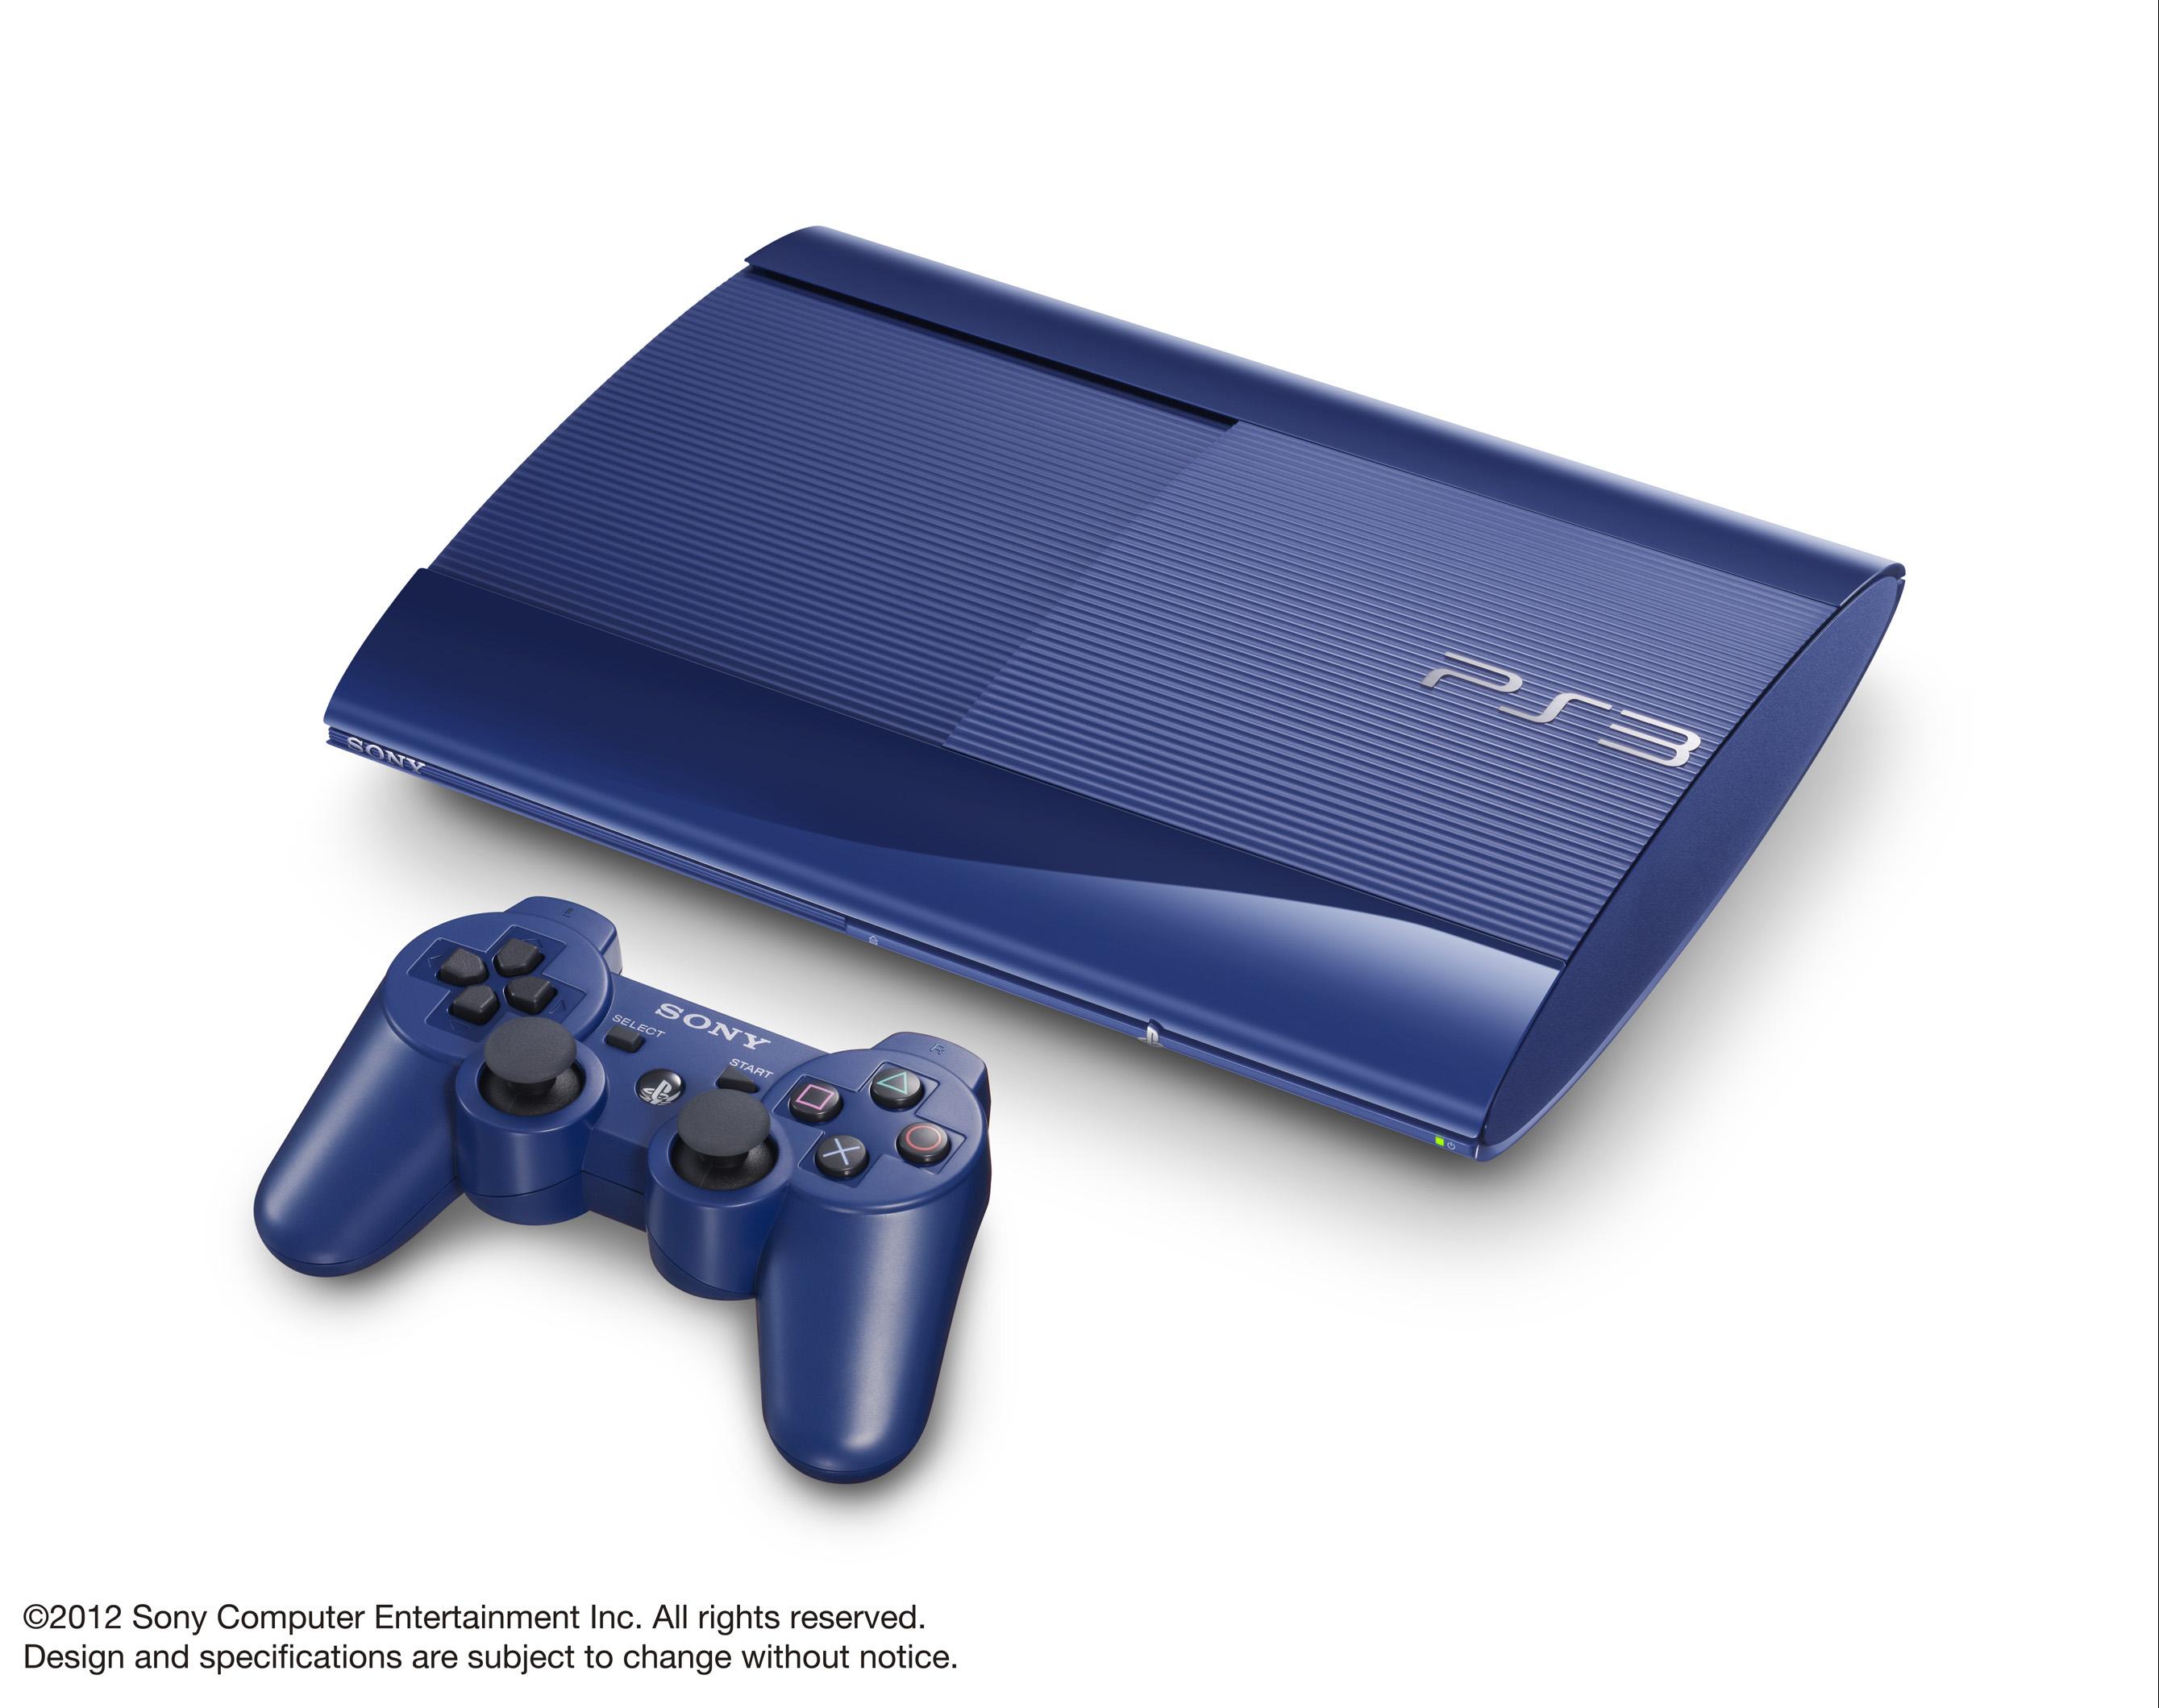 La PlayStation3 disponible bientôt en 3 couleurs